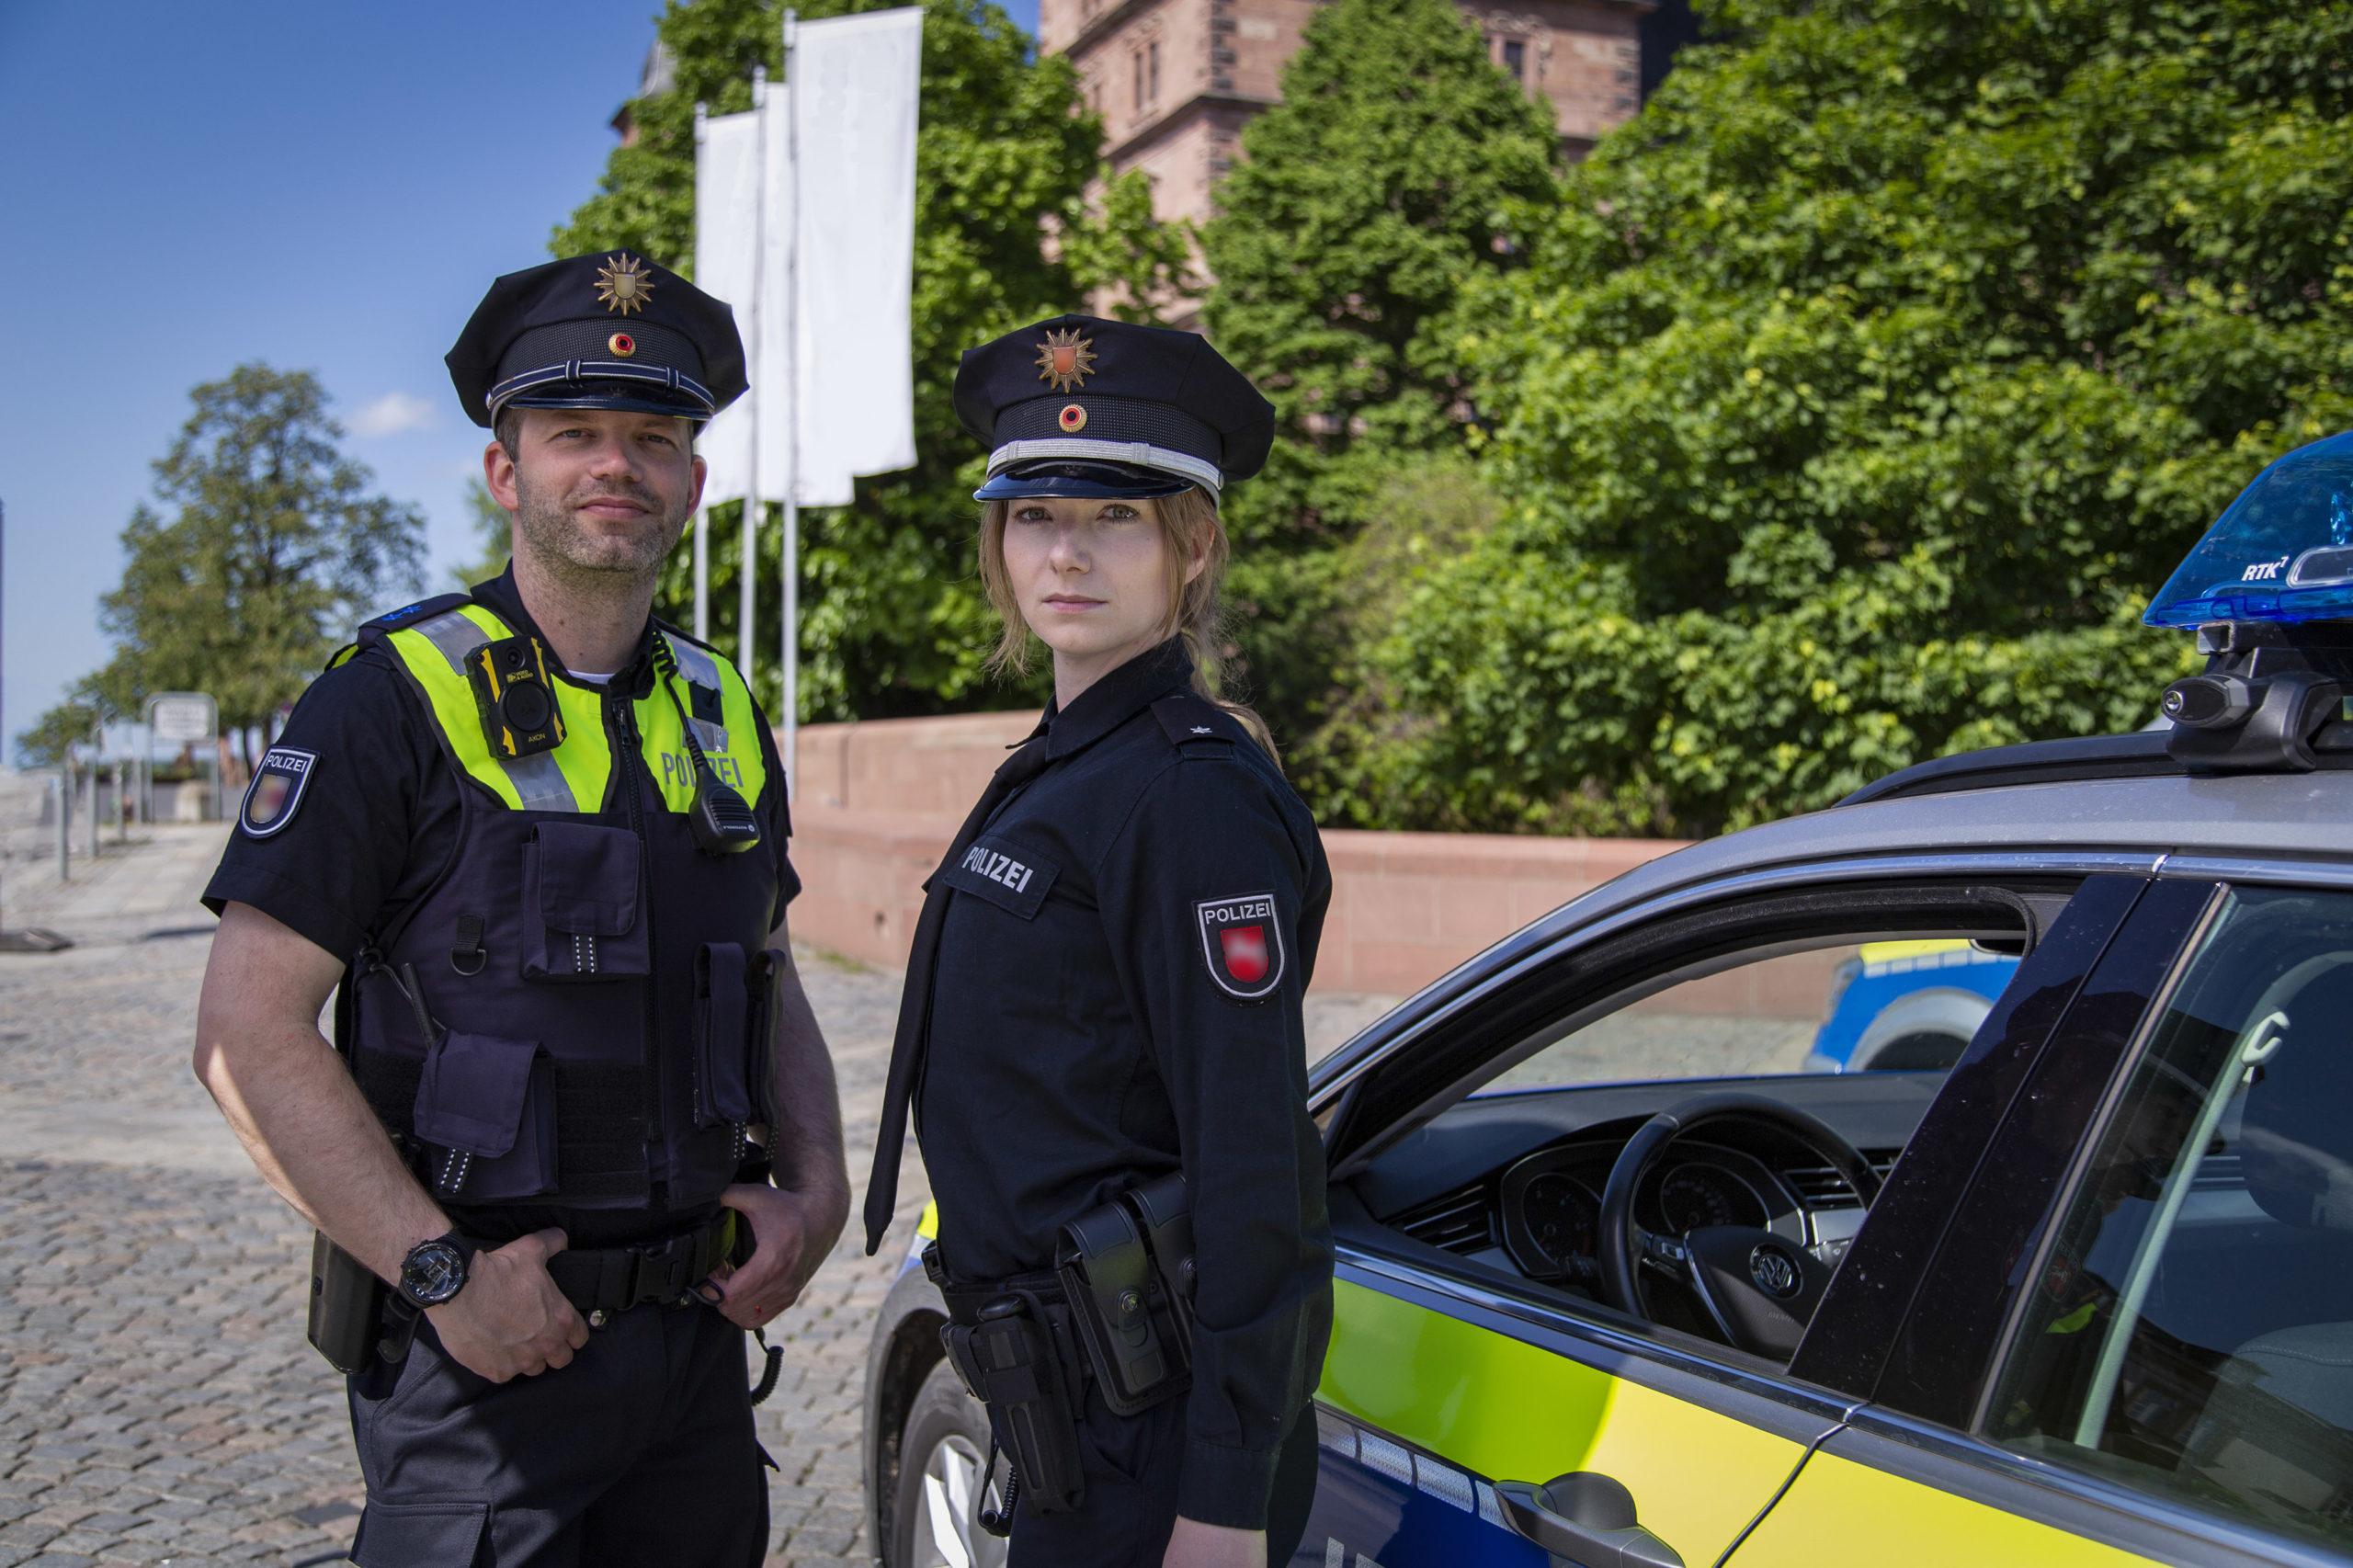 Polizisten Niedersachsen Streifenwagen